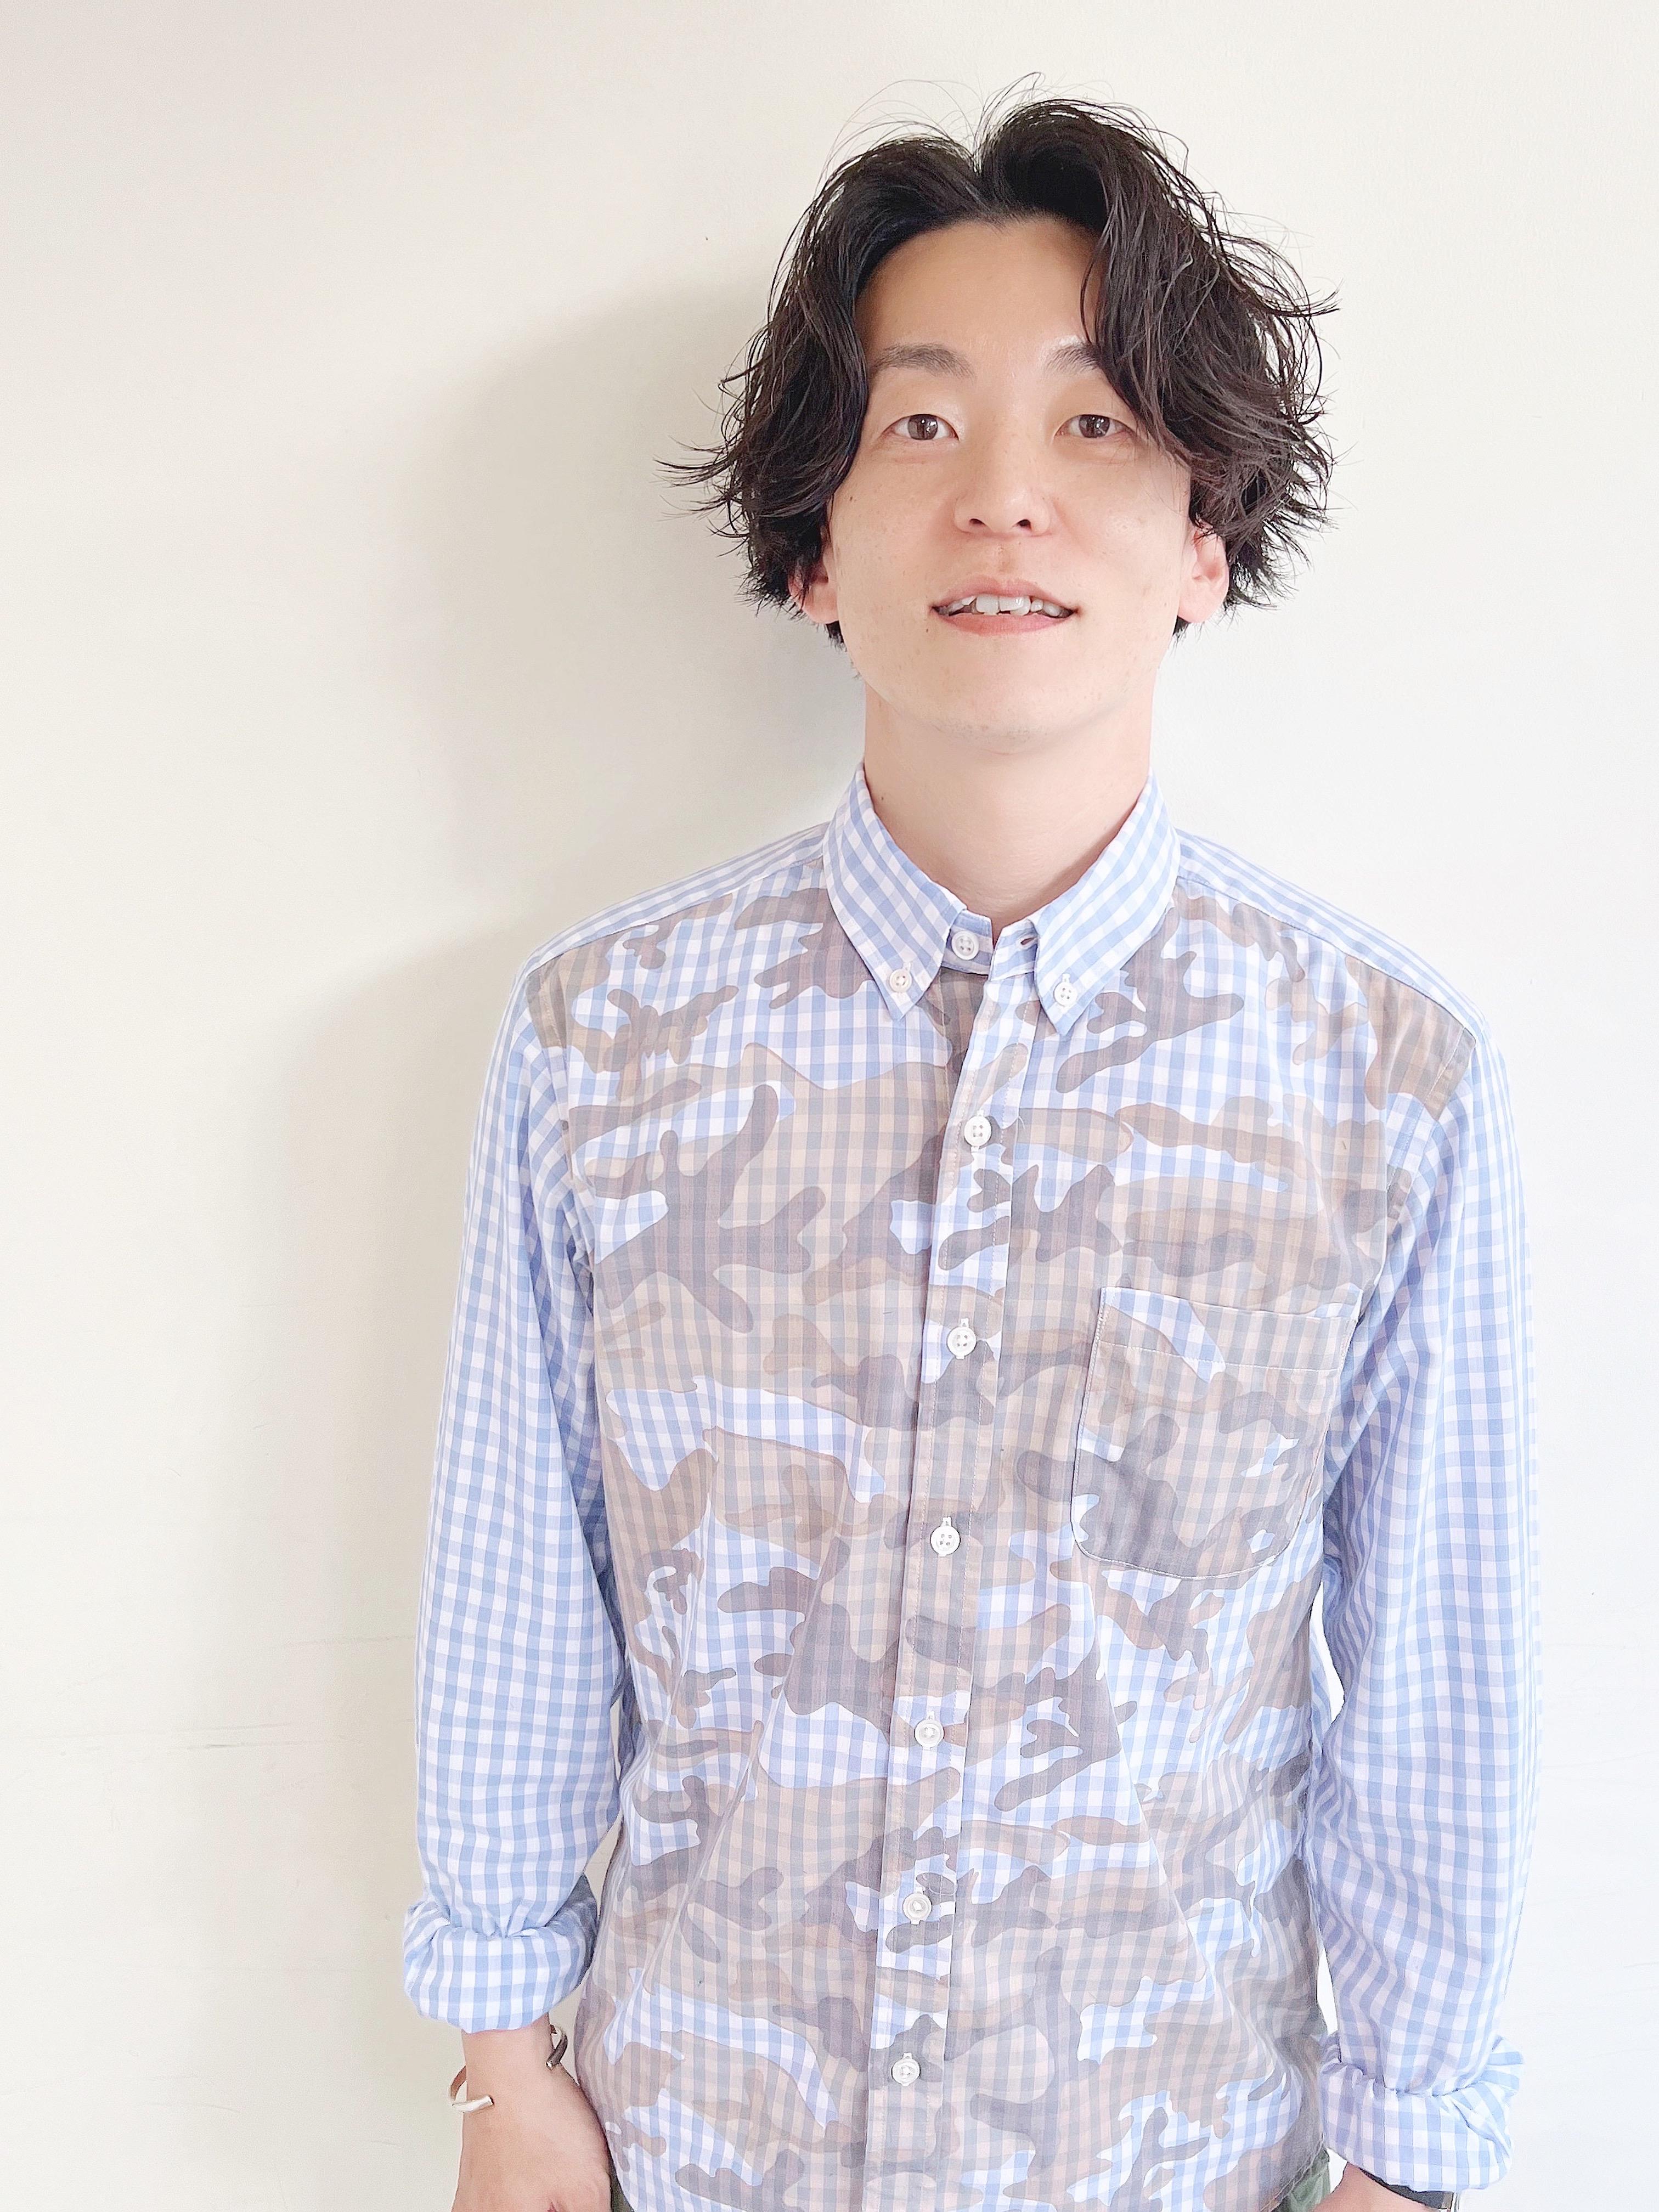 鹿田 哲平